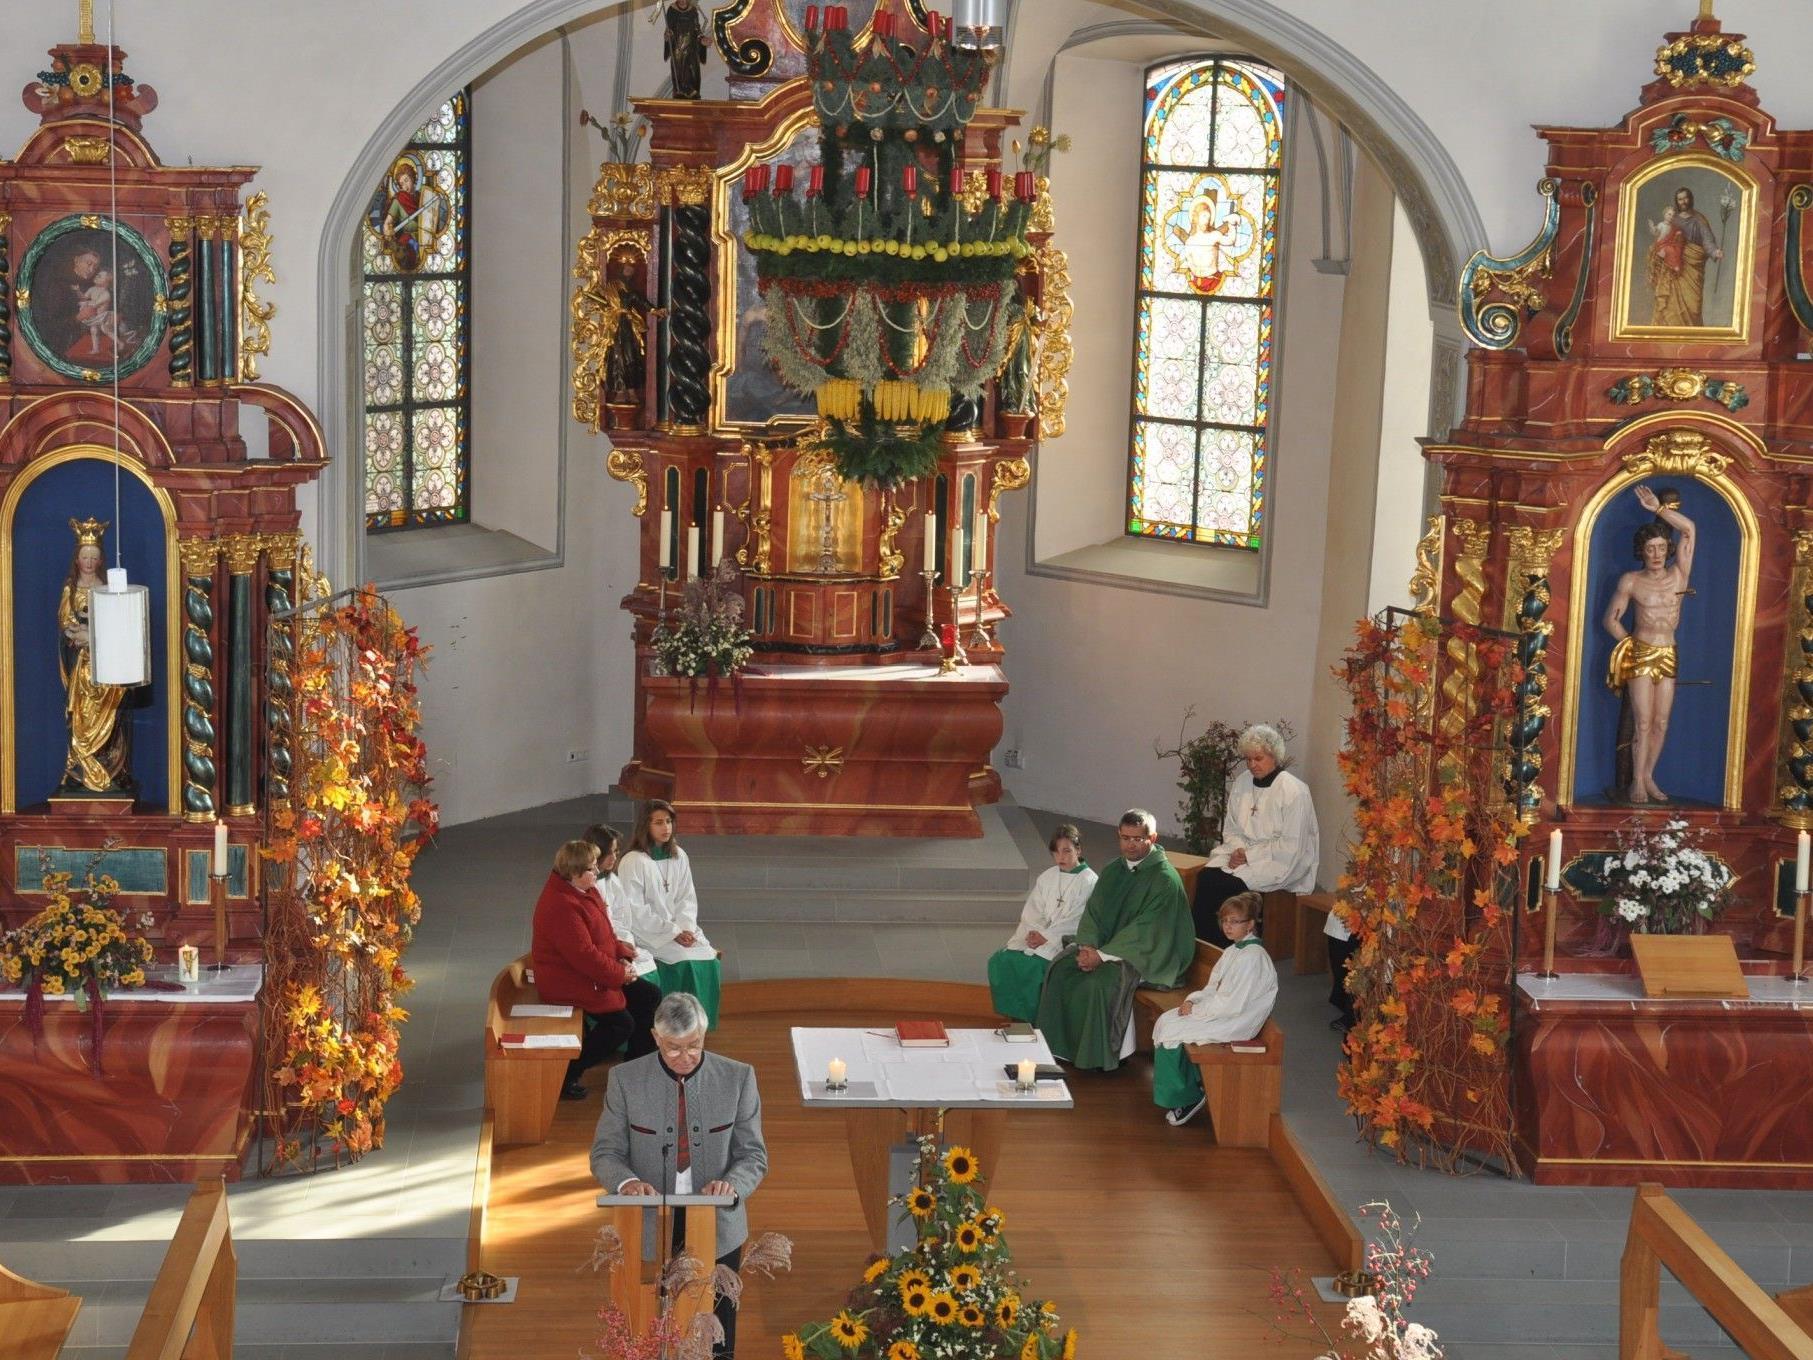 Die Erntedankkrone von Josef Waibel (vorne) war der Blickfang in der Kirche beim Erntedankfest.